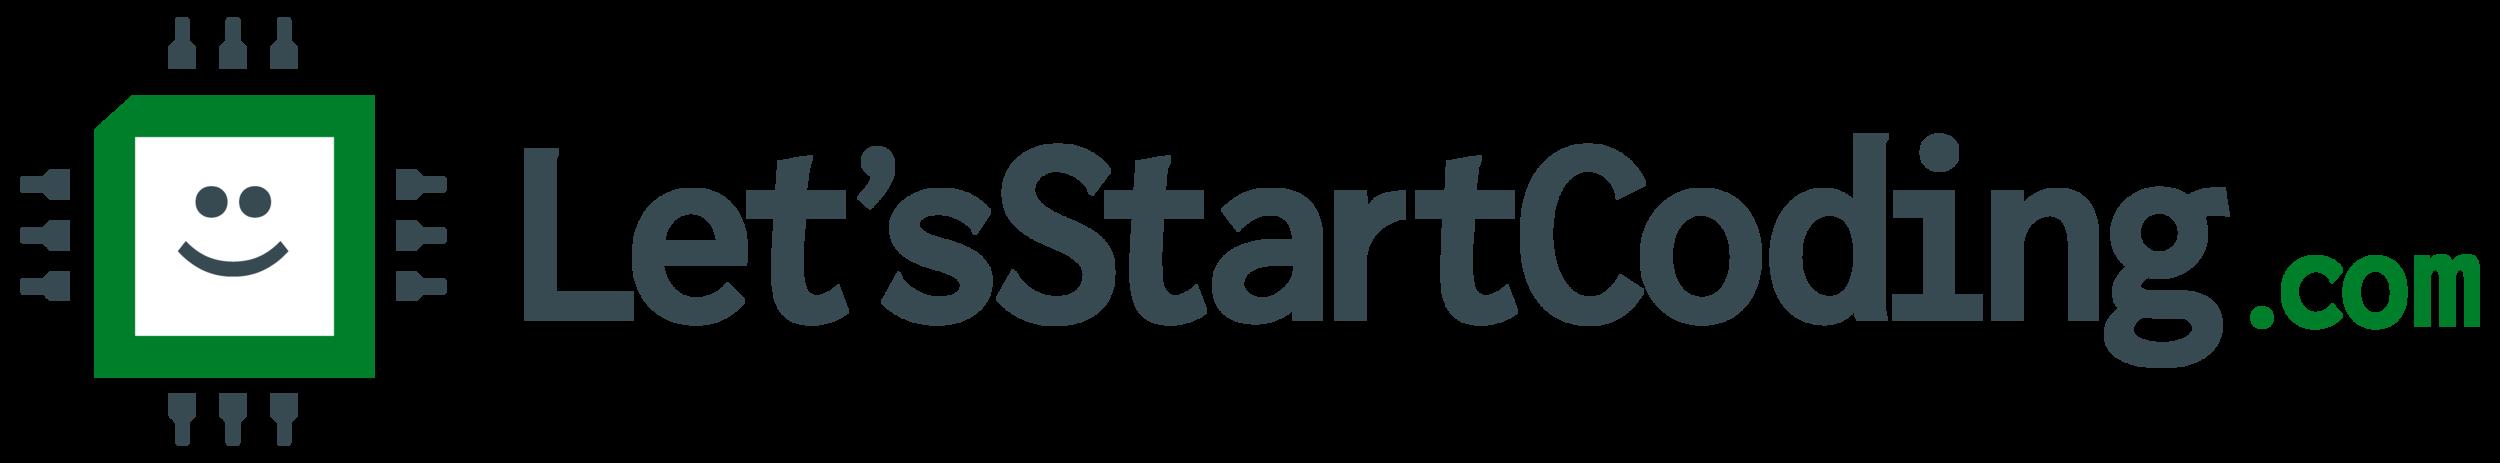 Lets-Start-Coding-2700X500-transparent-background.png